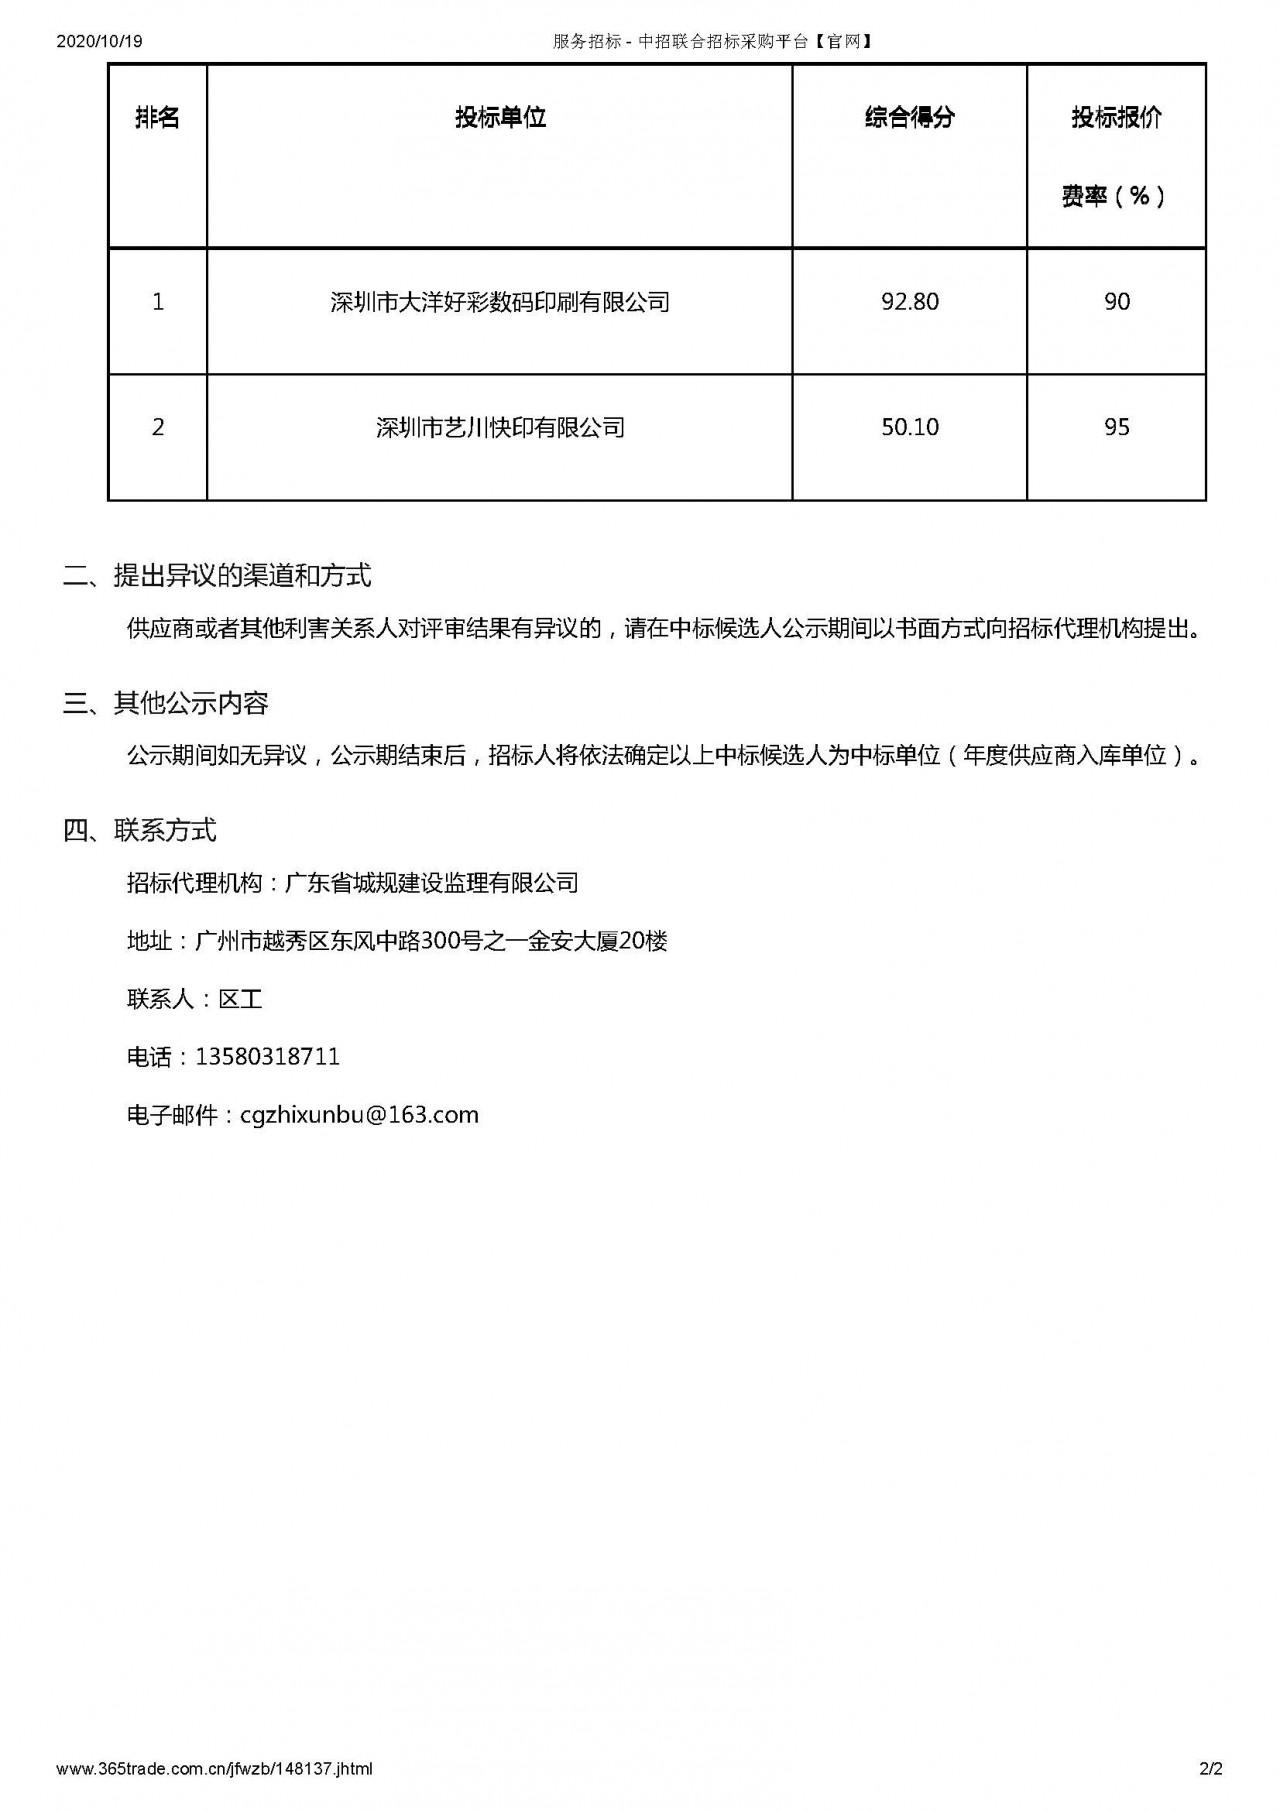 服务招标 - 中招联合招标采购平台【官网】_页面_2.jpg